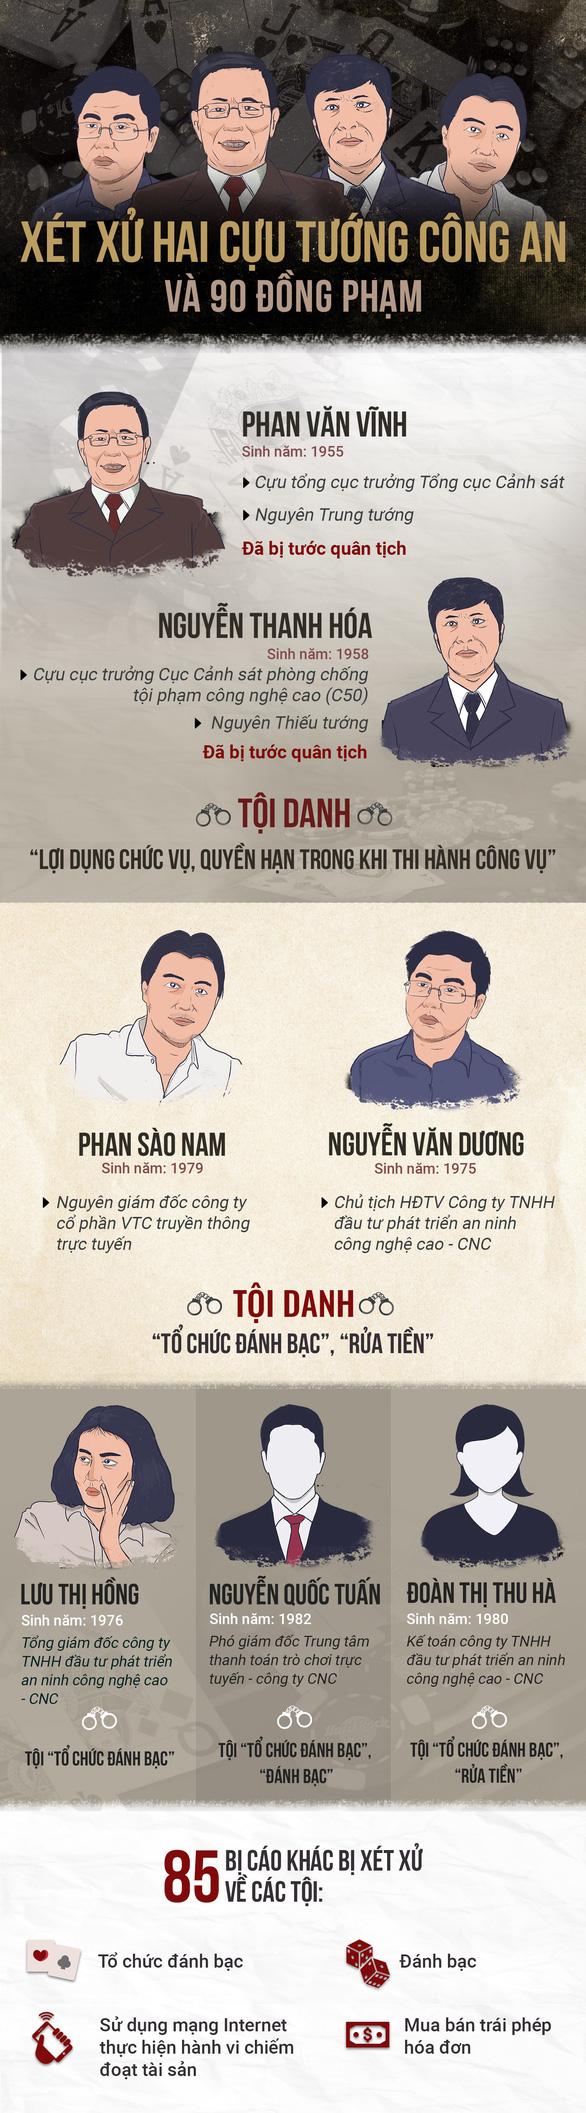 12-11 xét xử hai cựu tướng công an Phan Văn Vĩnh, Nguyễn Thanh Hóa - Ảnh 5.